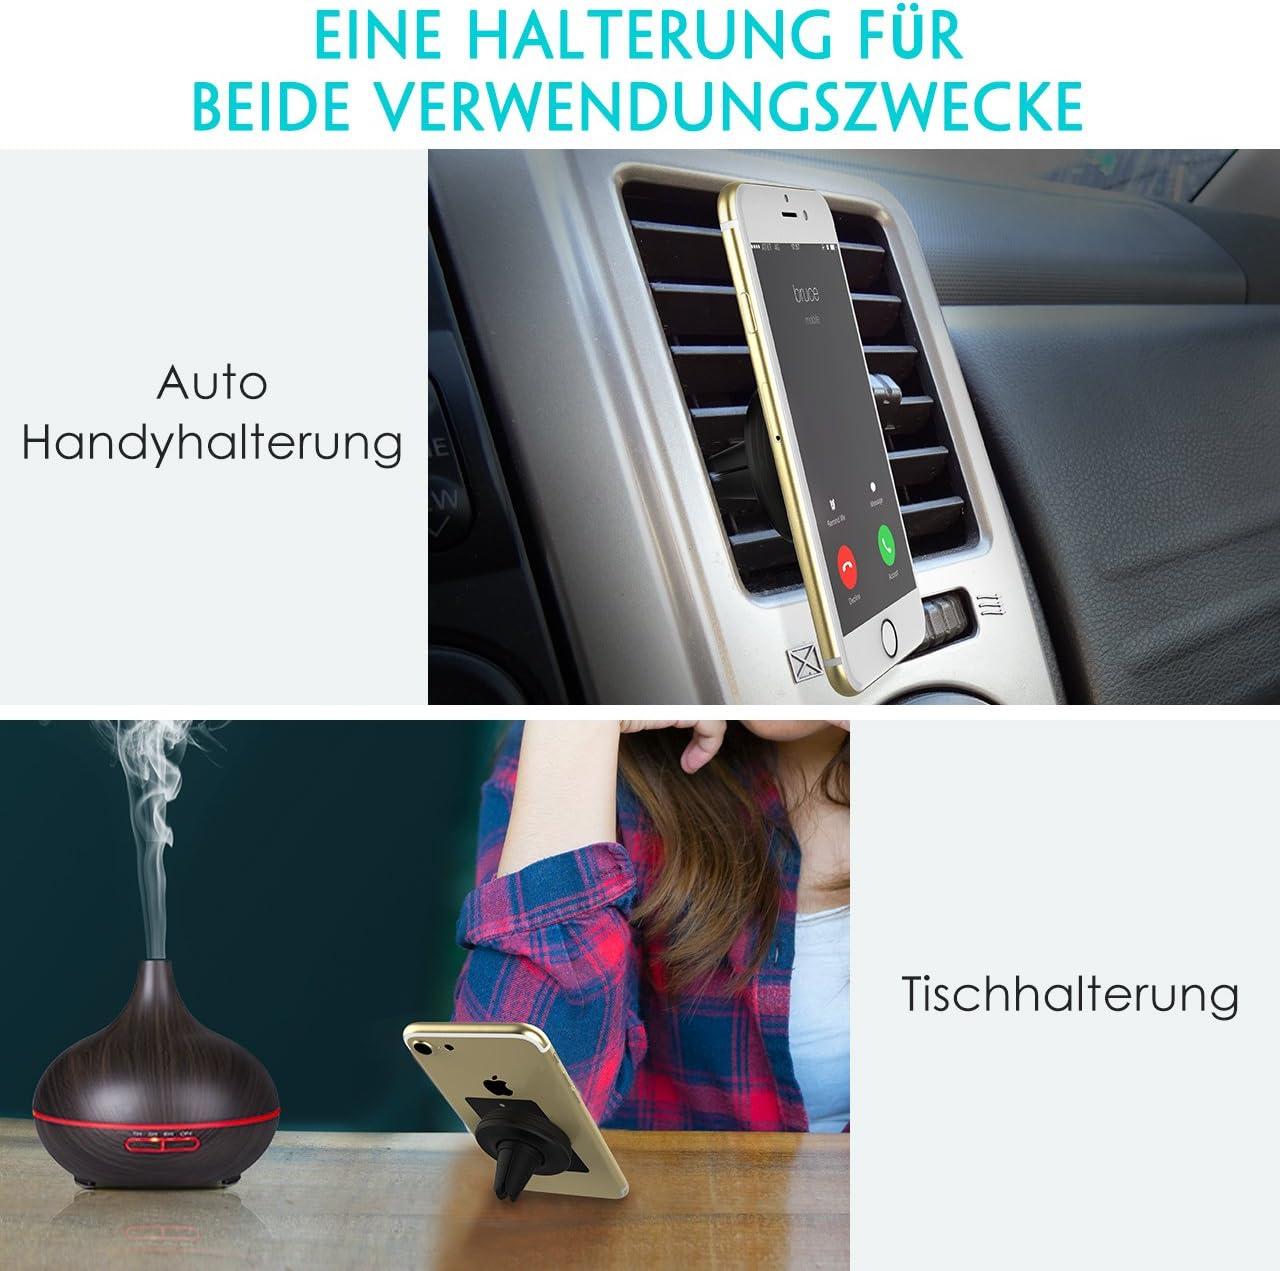 Mpow magnetische KFZ HandyHalter f/ürs Auto Luft/öffnung f/ür f/ür alle Smartphones welches Gewicht weniger als 300g oder GPS-Ger/äte,2 St/ück Kohlefaser Autohalter